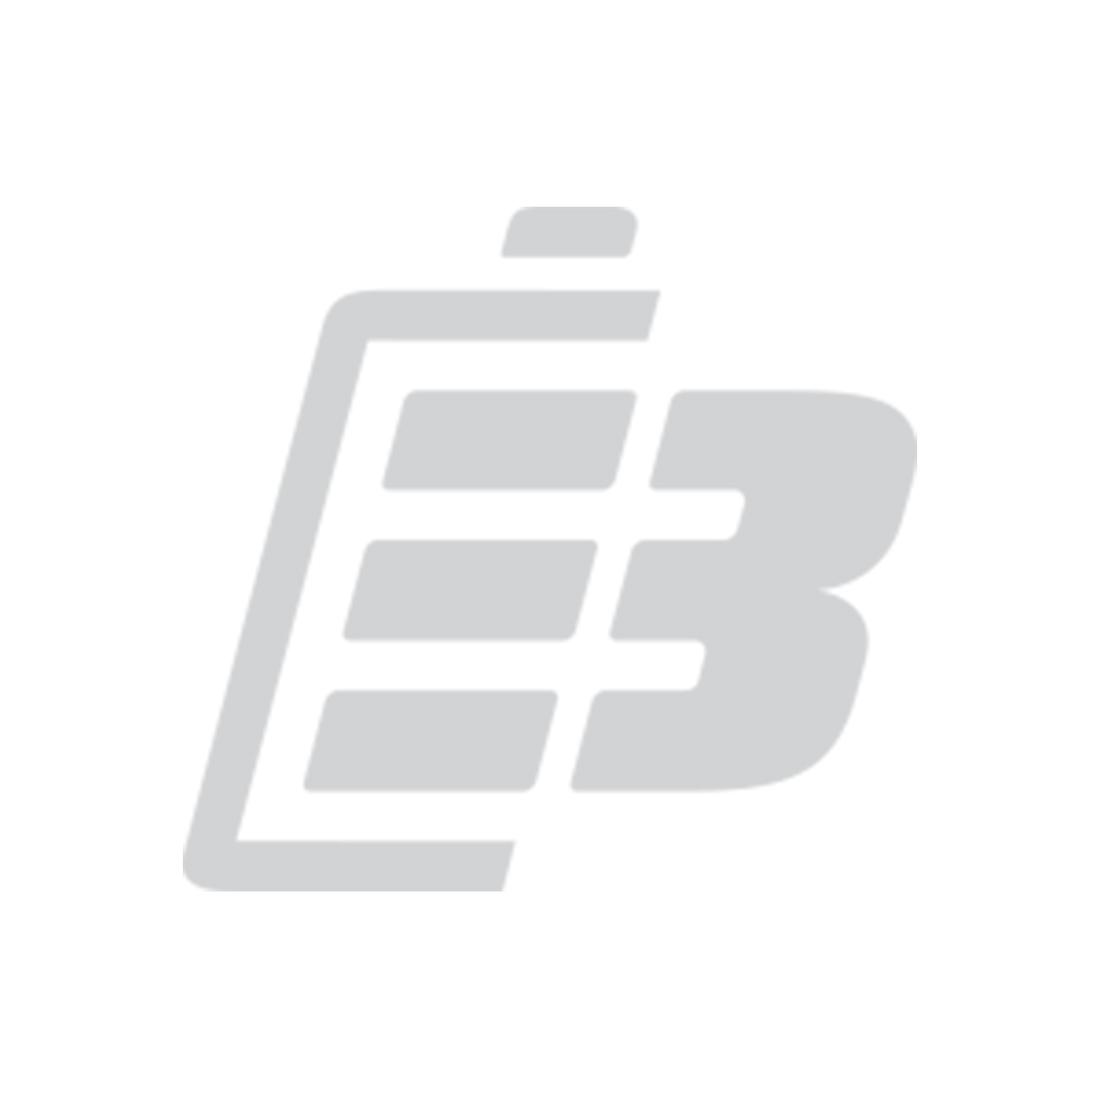 Μπαταρία κινητού τηλεφώνου LG KG320_1